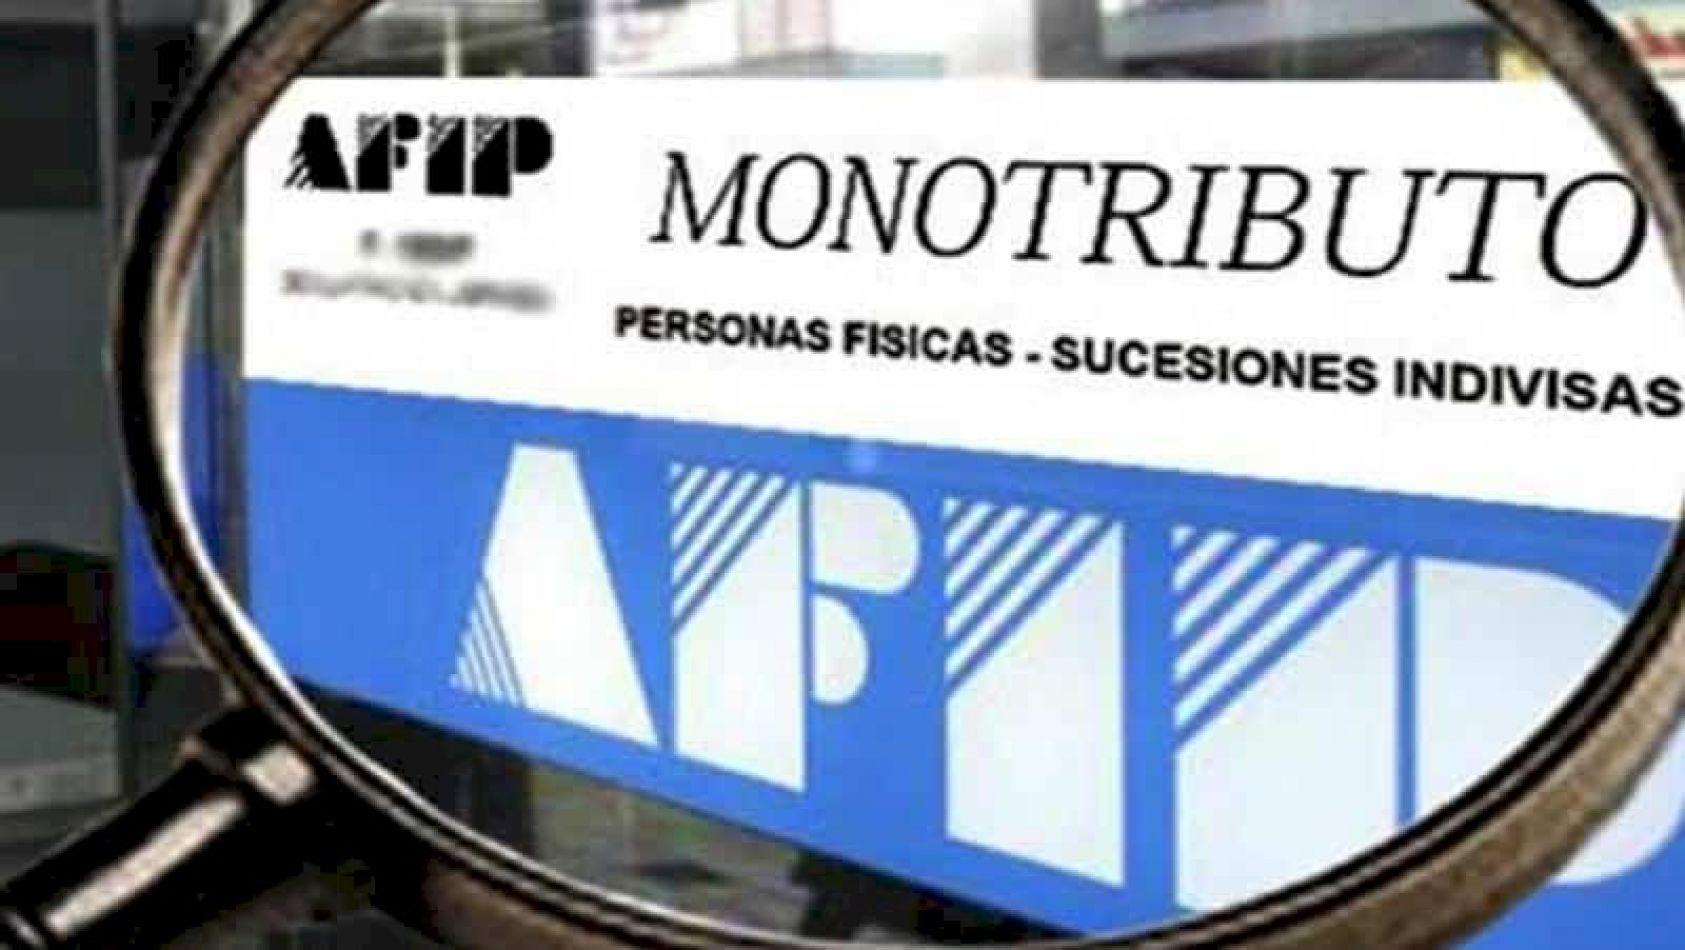 Monotributo: La AFIP oficializó fechas de recategorización semestral